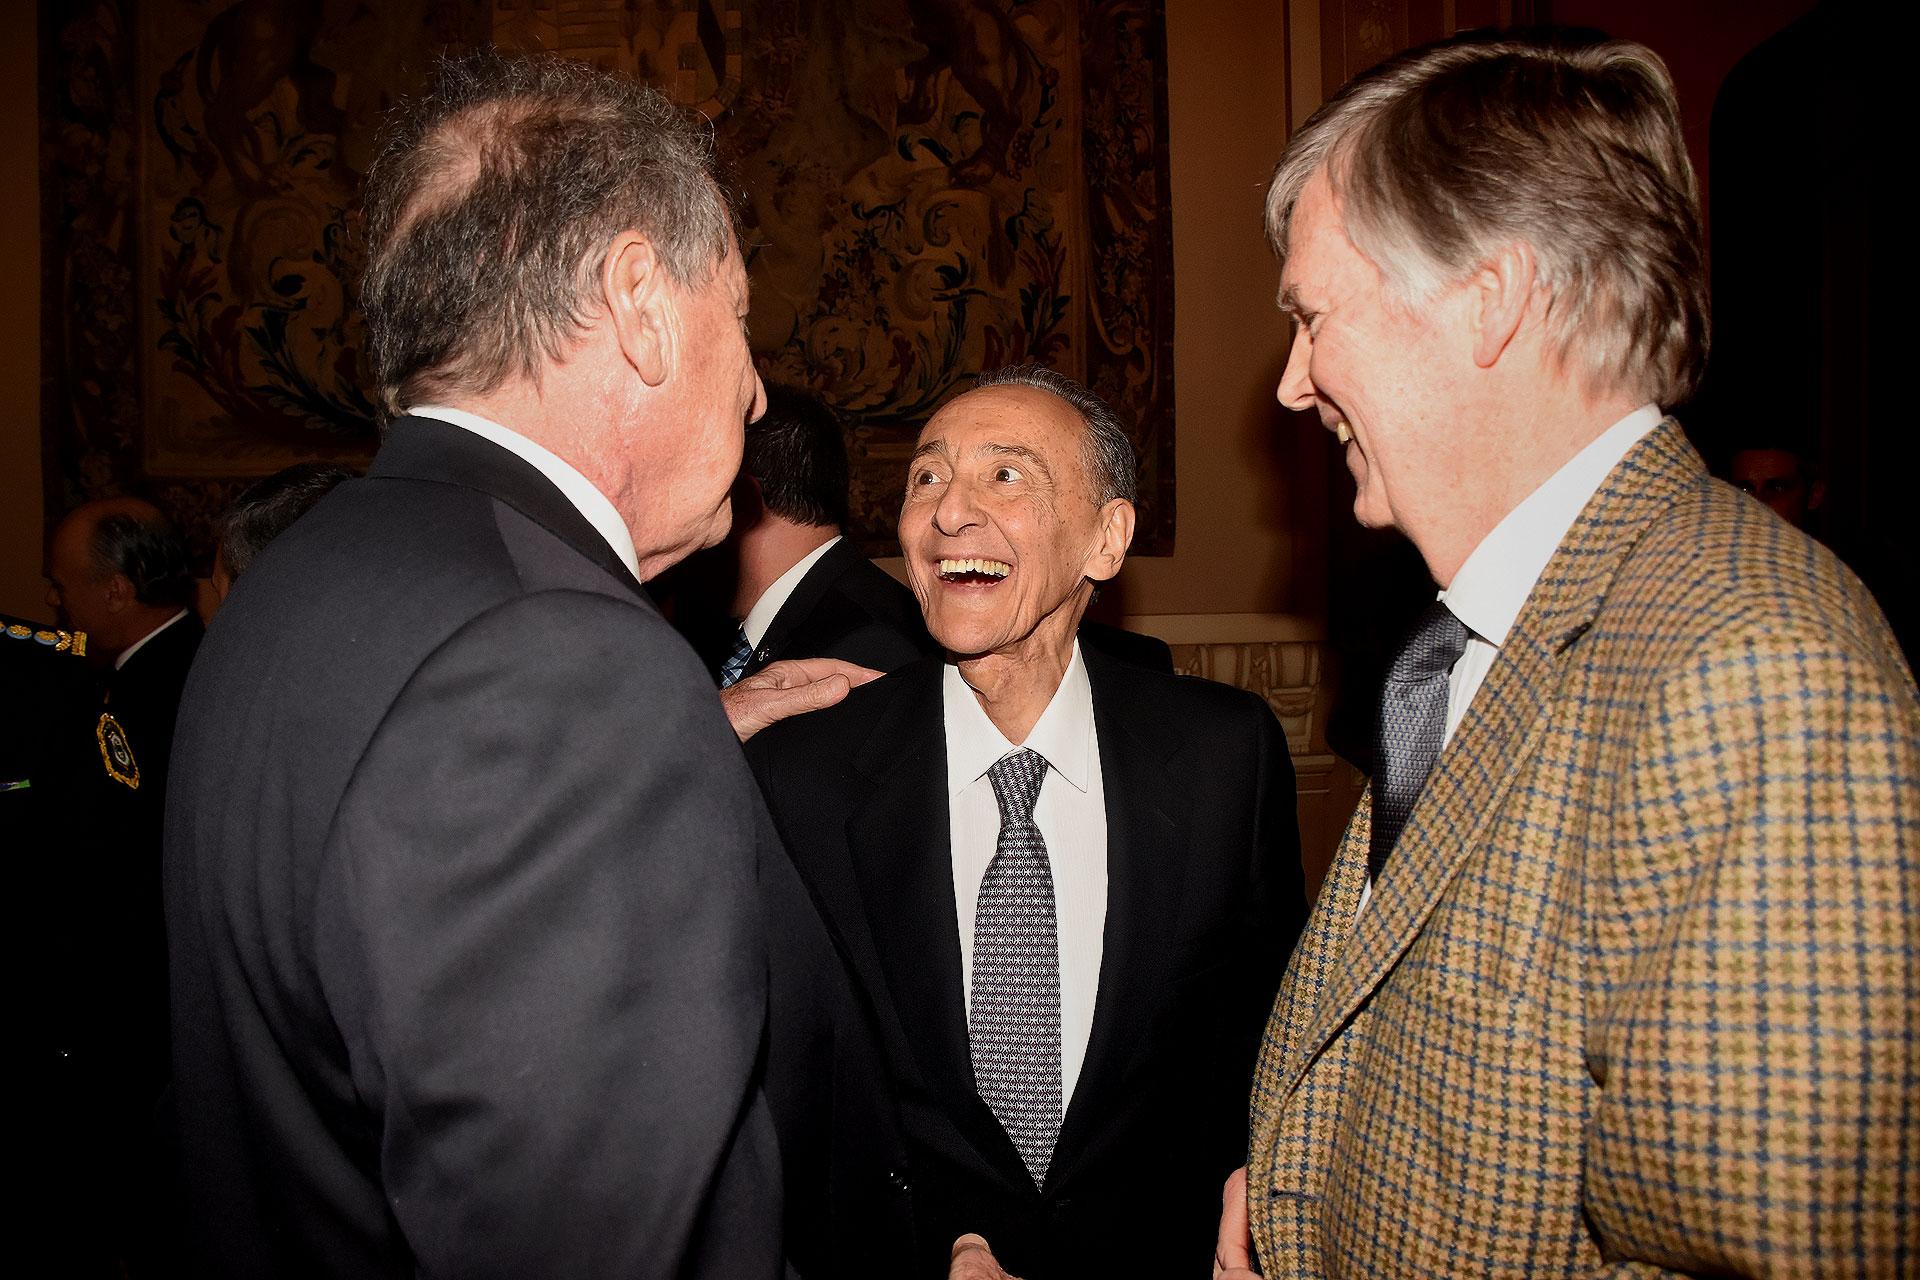 Héctor Magnetto. CEO del Grupo Clarín, junto a Jorge Brito y Guillemo Stanley